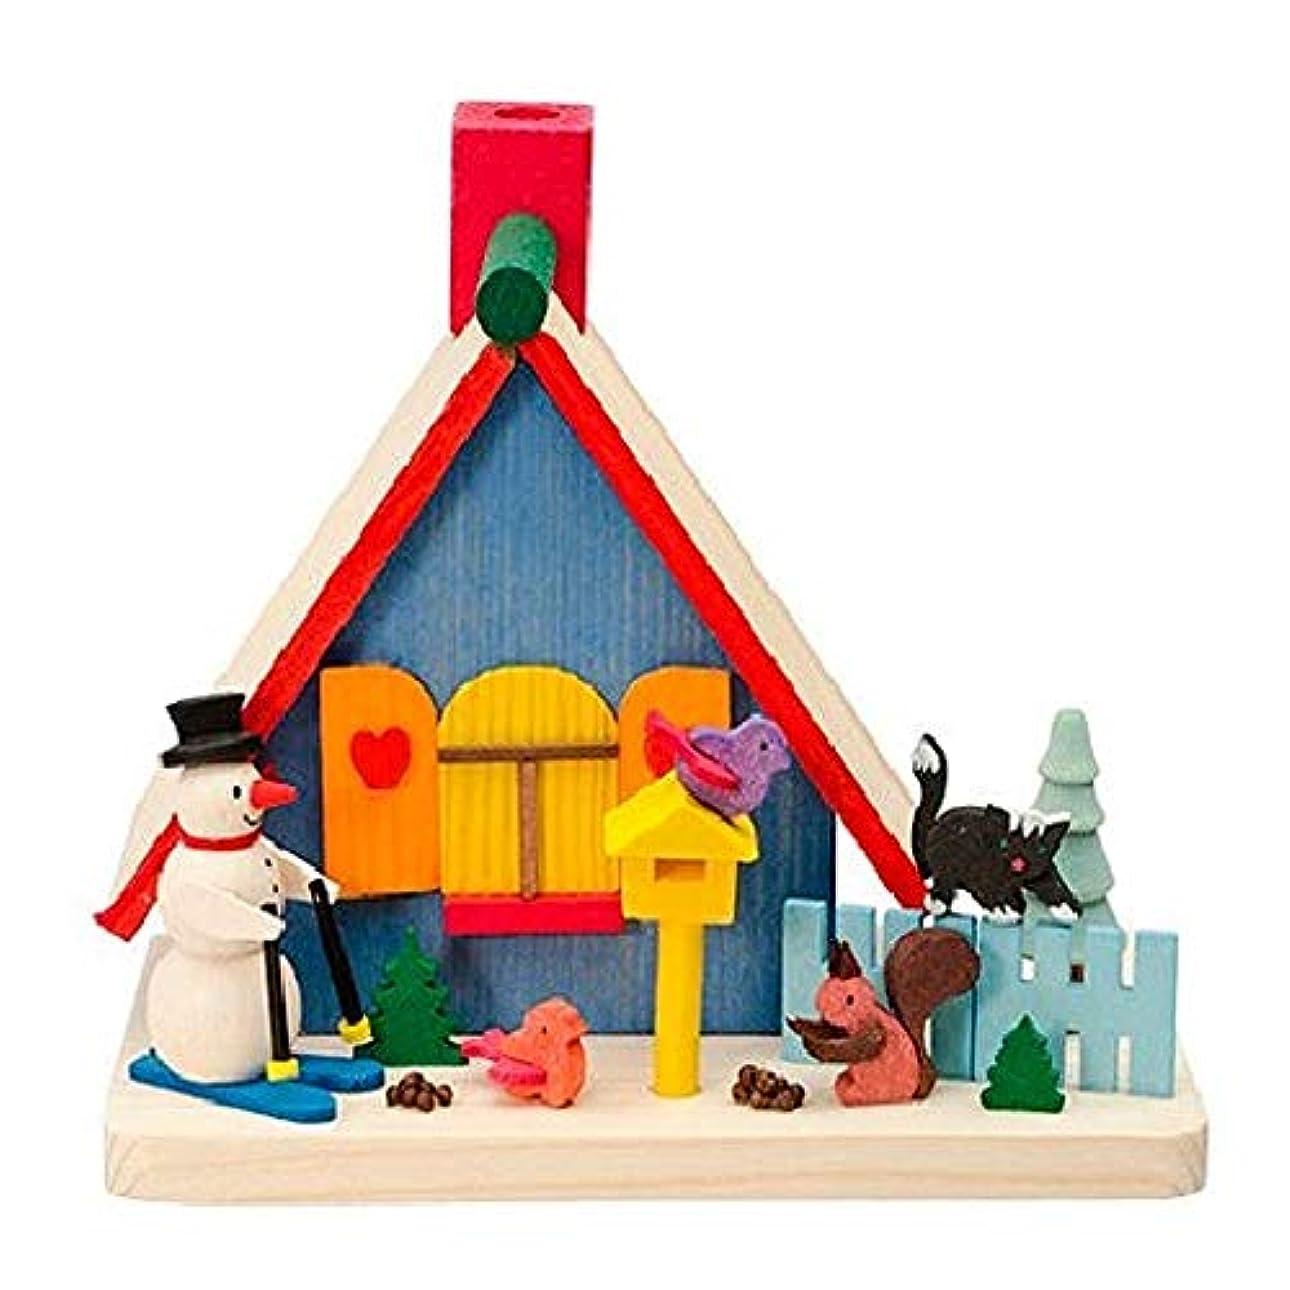 開拓者ナイロン掃くPinnacle Peak Trading Company カラフルな雪だるまの家 木製 ドイツ製 クリスマスお香 スモーカー ドイツ製